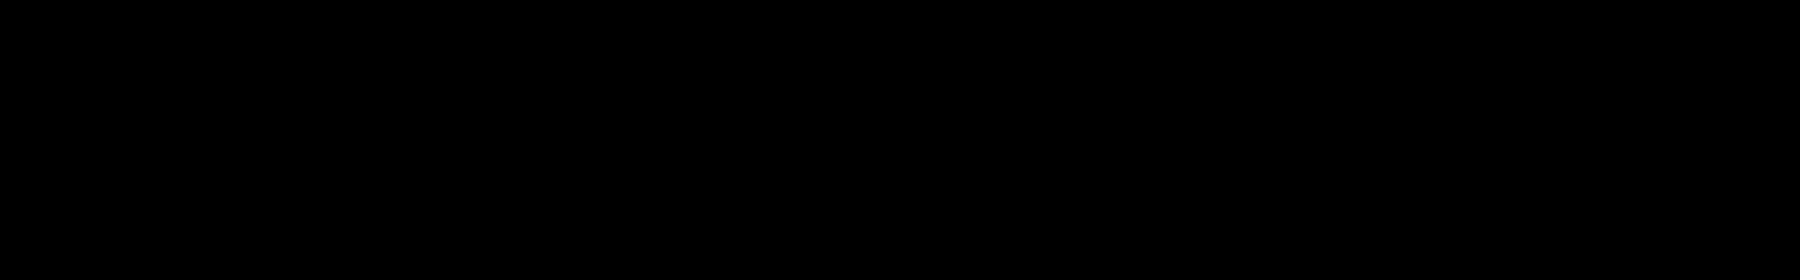 Mainstage Dubstep audio waveform